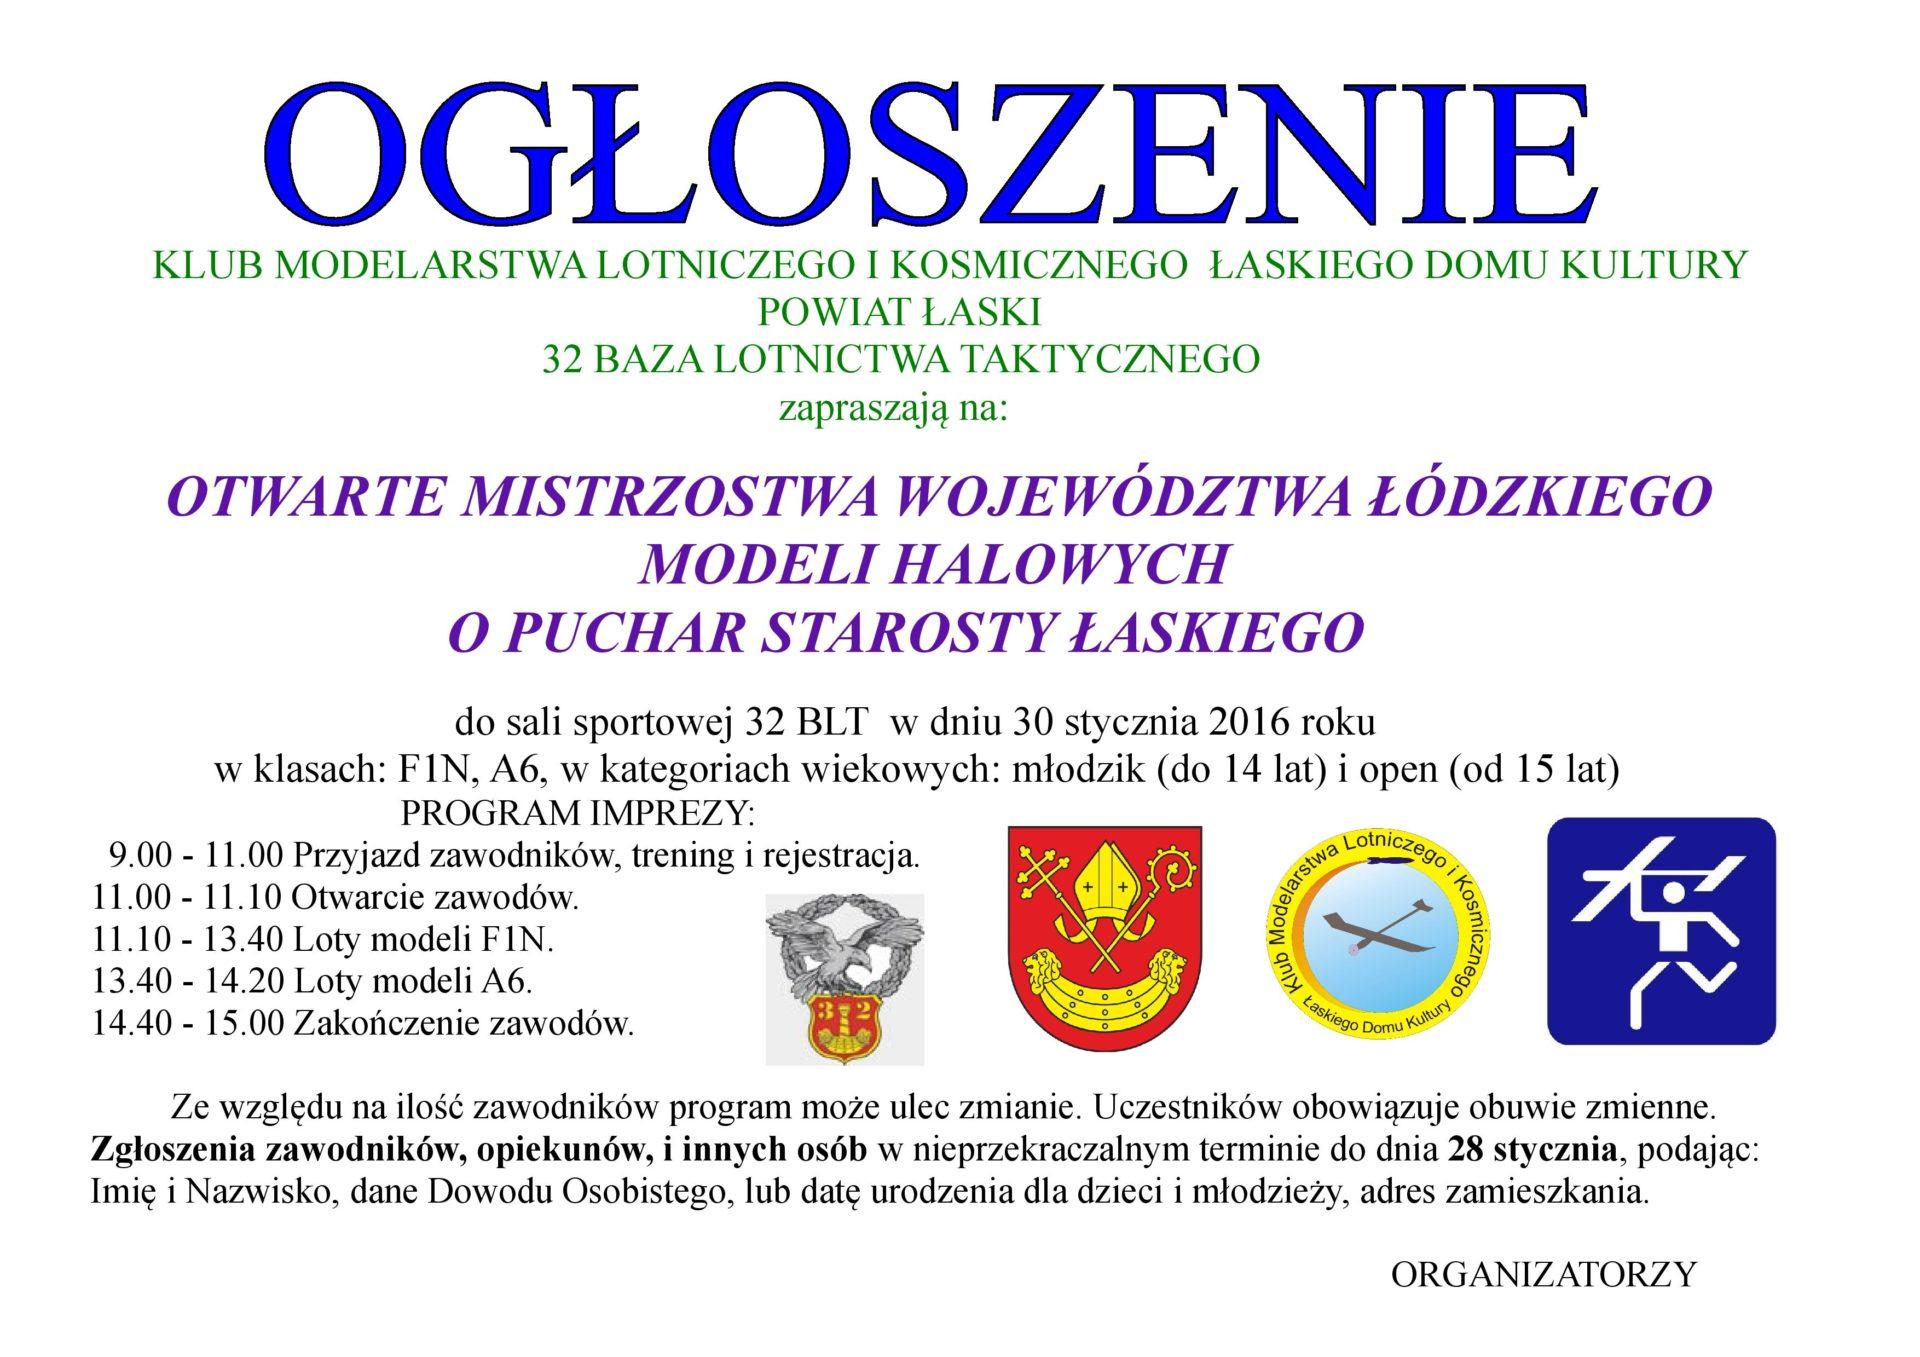 Otwarte Mistrzostwa Województwa Łódzkiego Modeli Halowych o Puchar Starosty Łaskiego